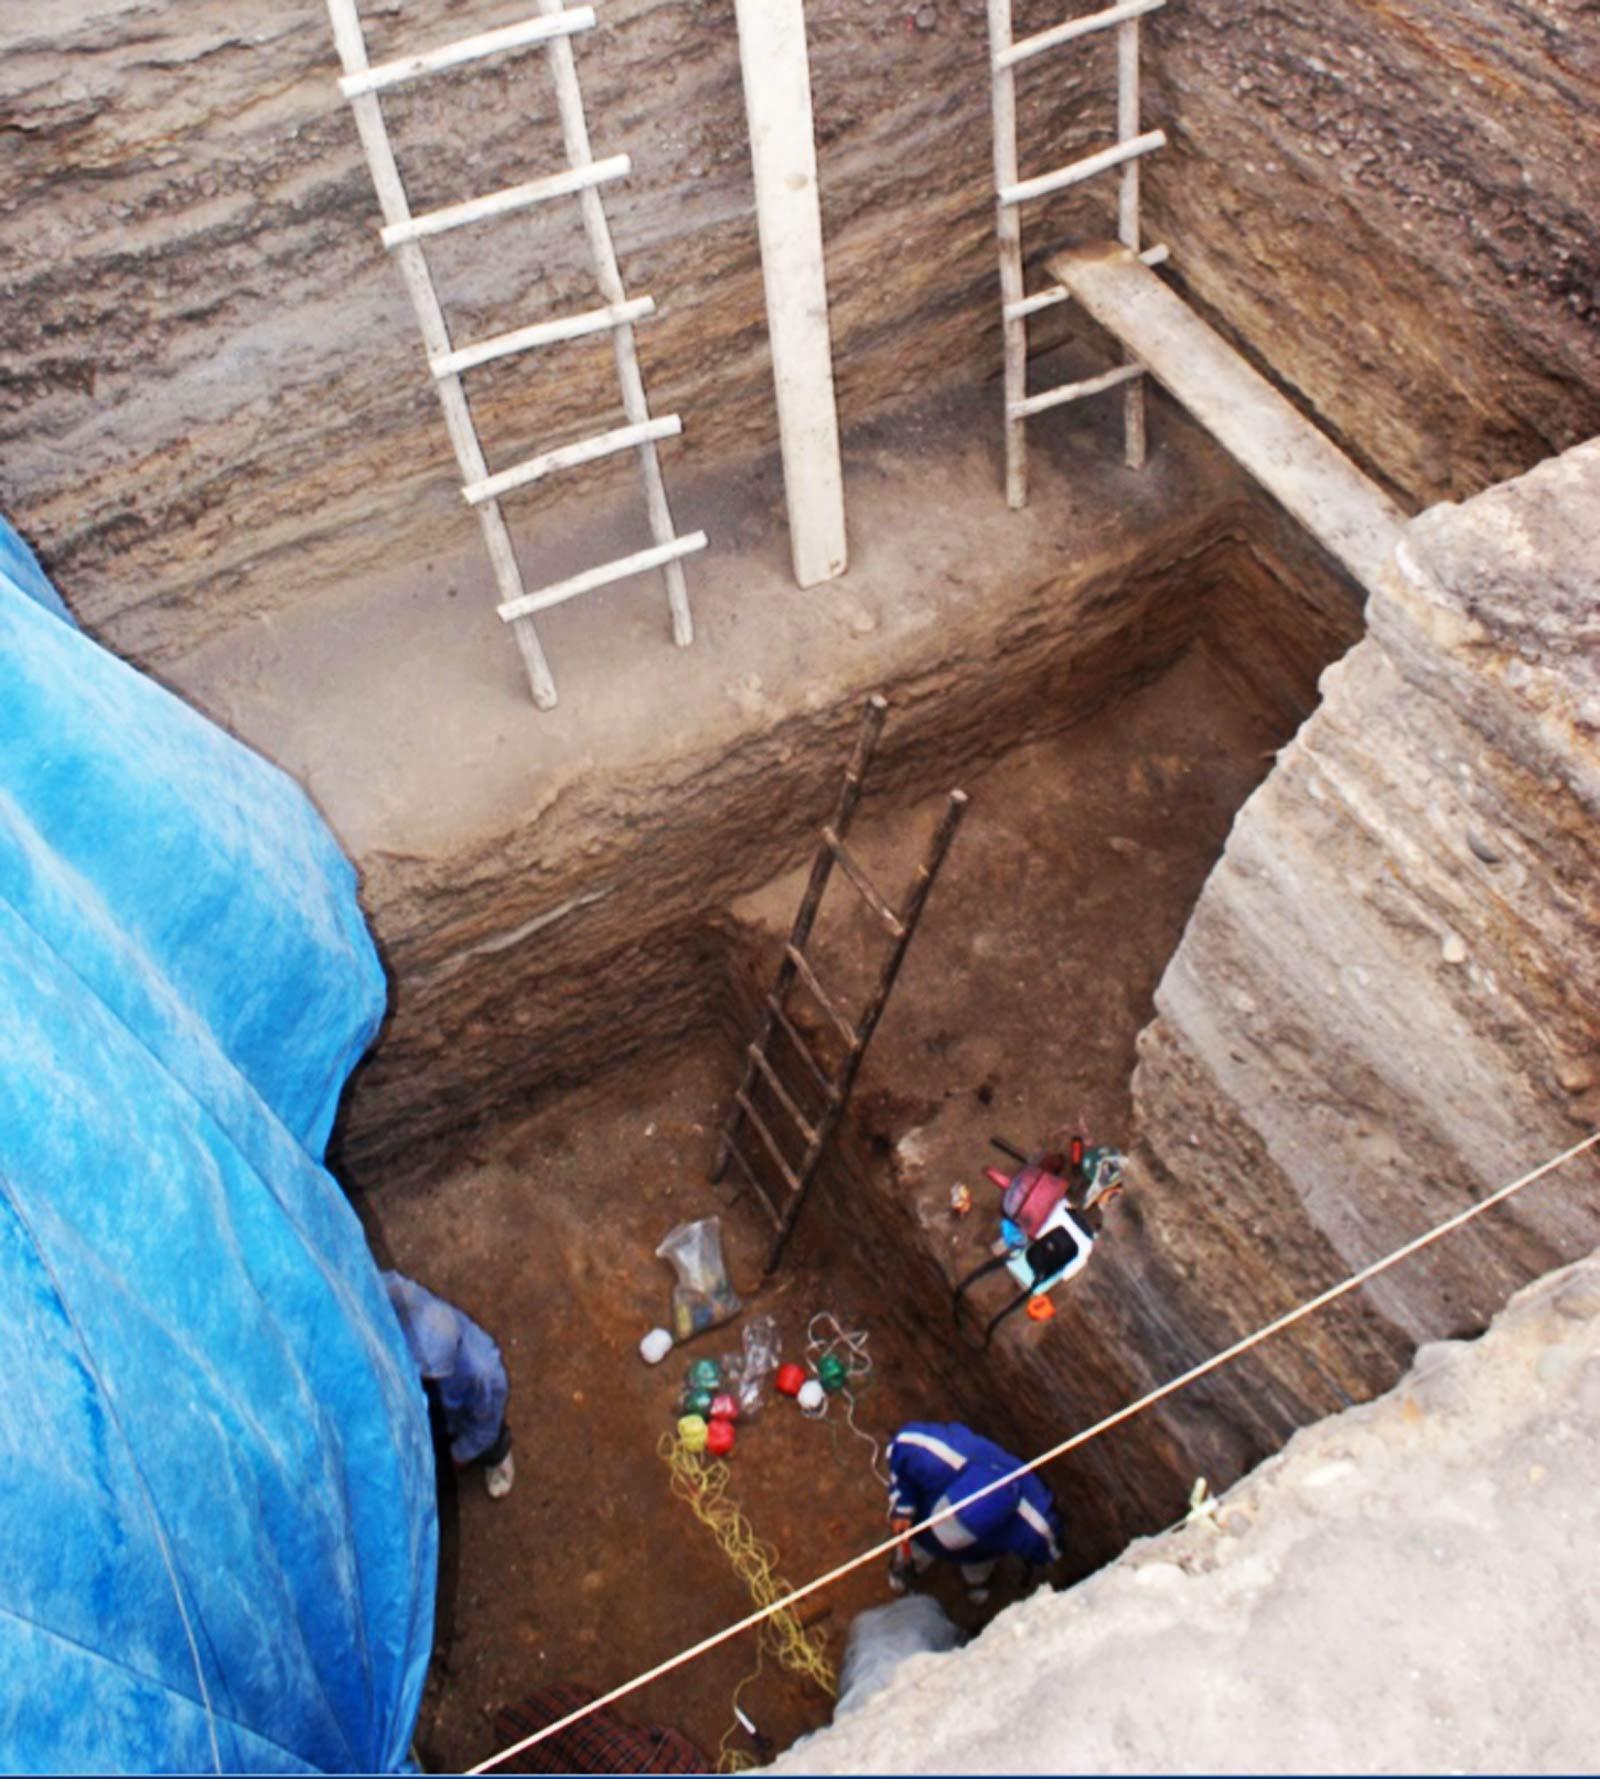 Huaca Prieta excavation